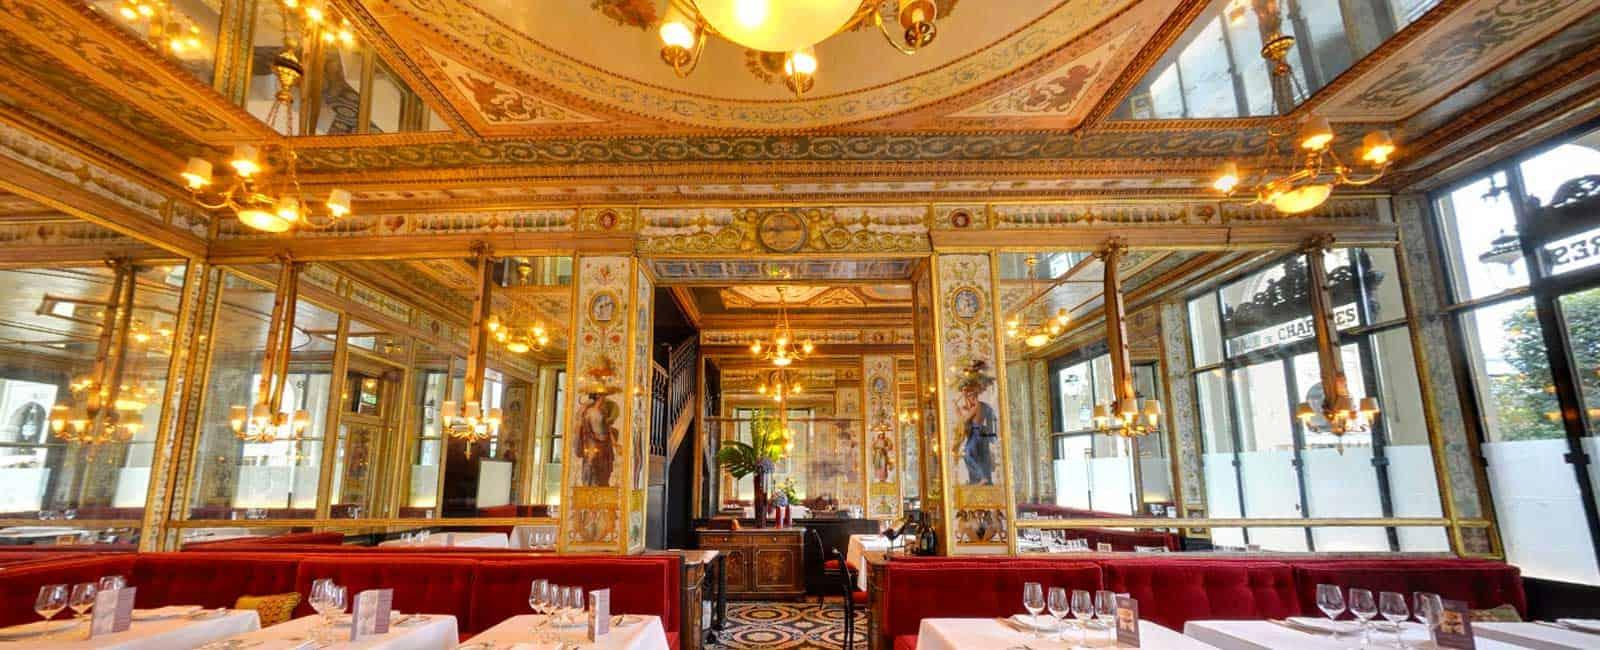 restaurant le grand vefour in paris